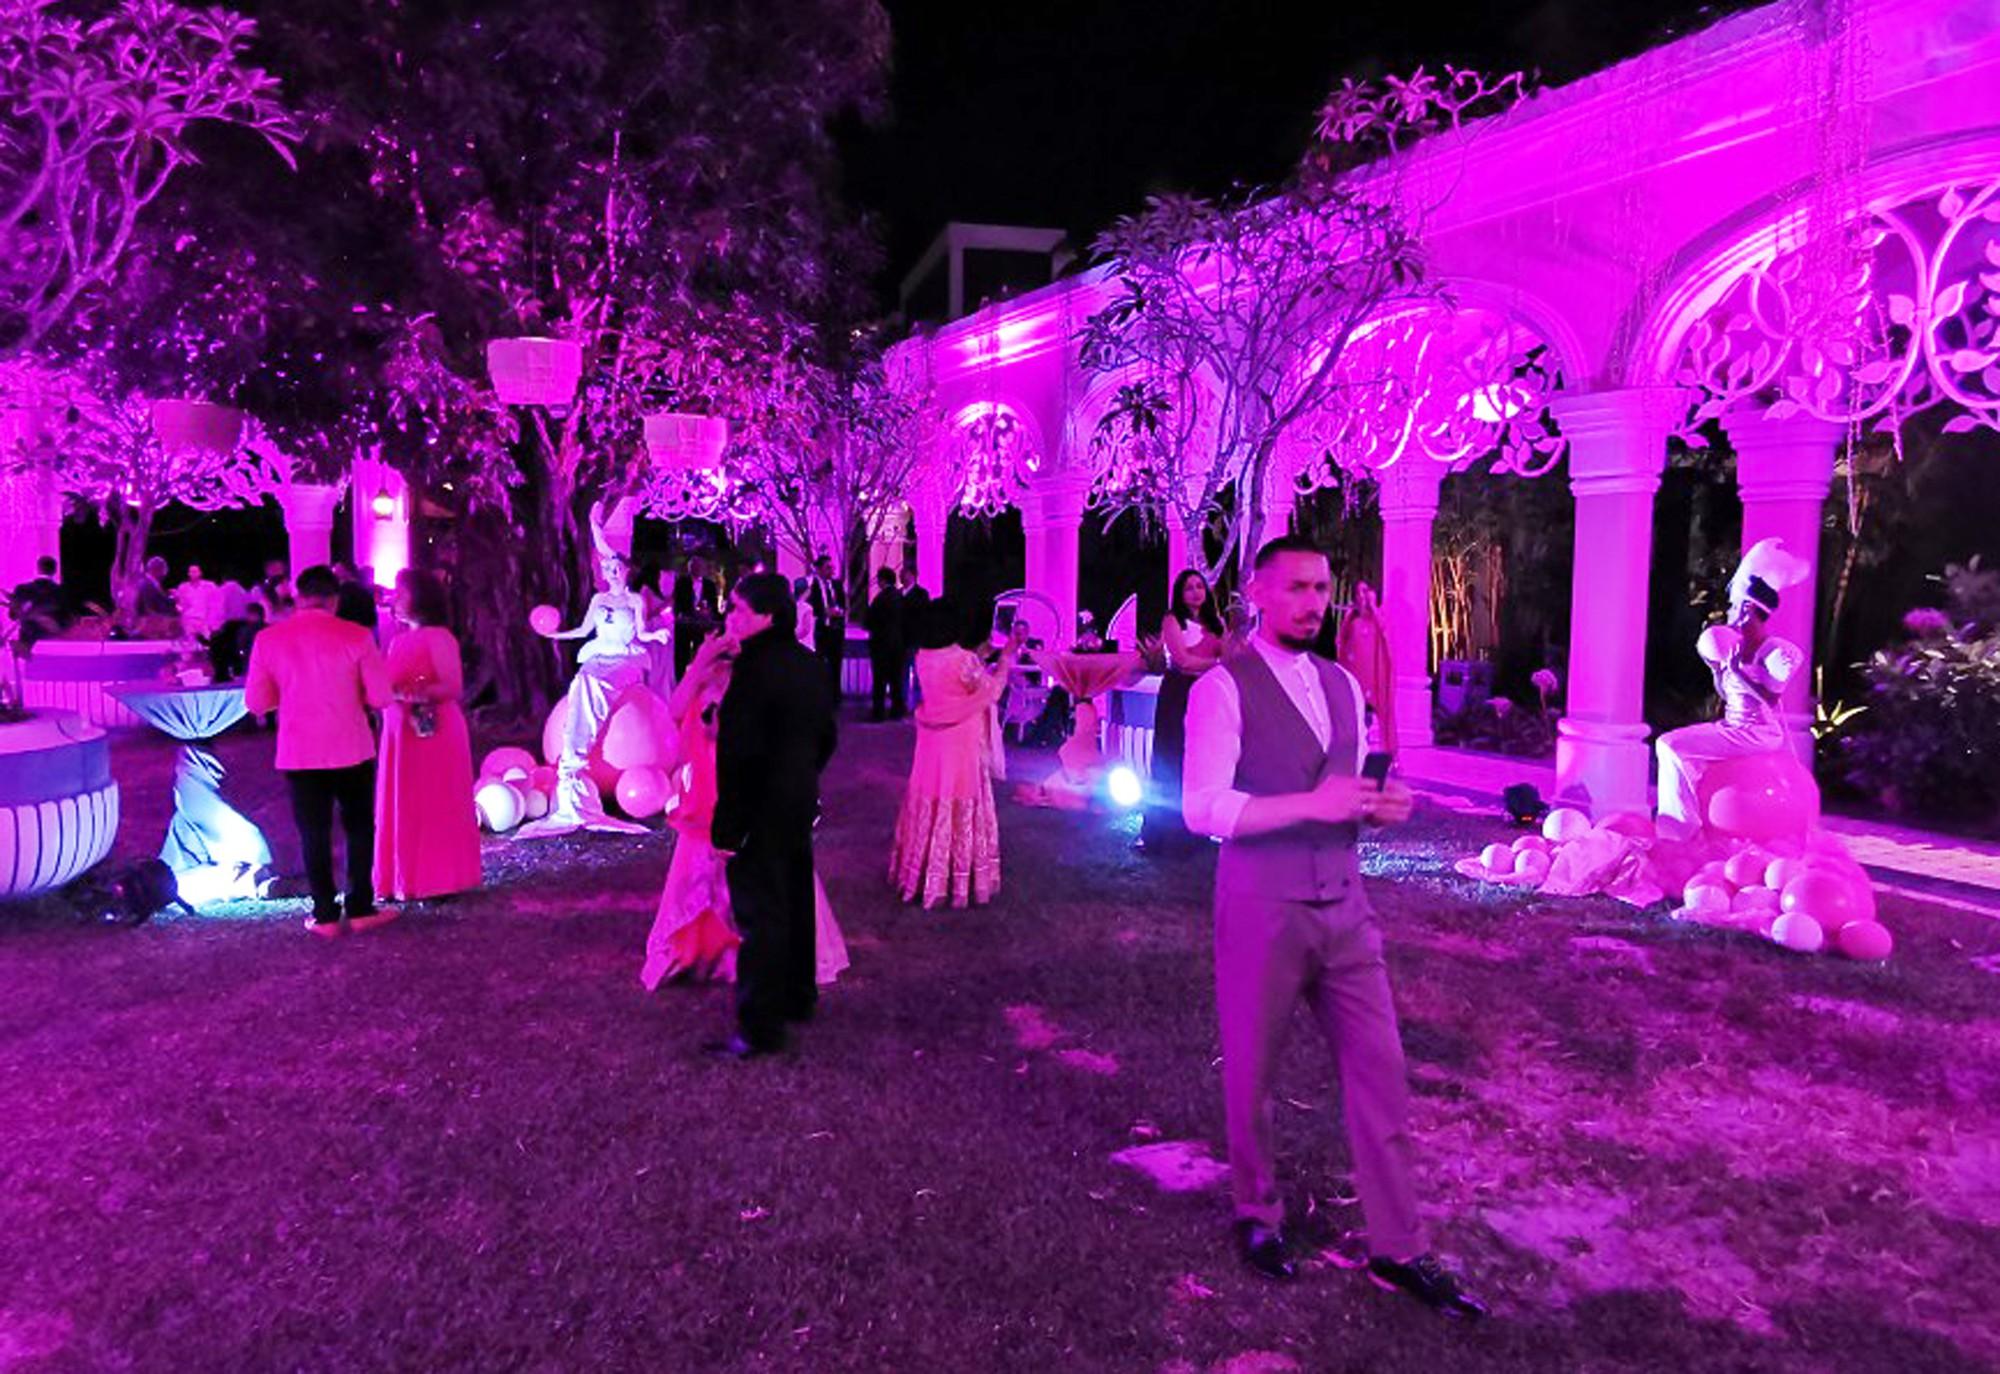 Một góc tiệc khiêu vũ theo chủ đề lễ hội màu hồng - Ảnh: D.KHÁNH